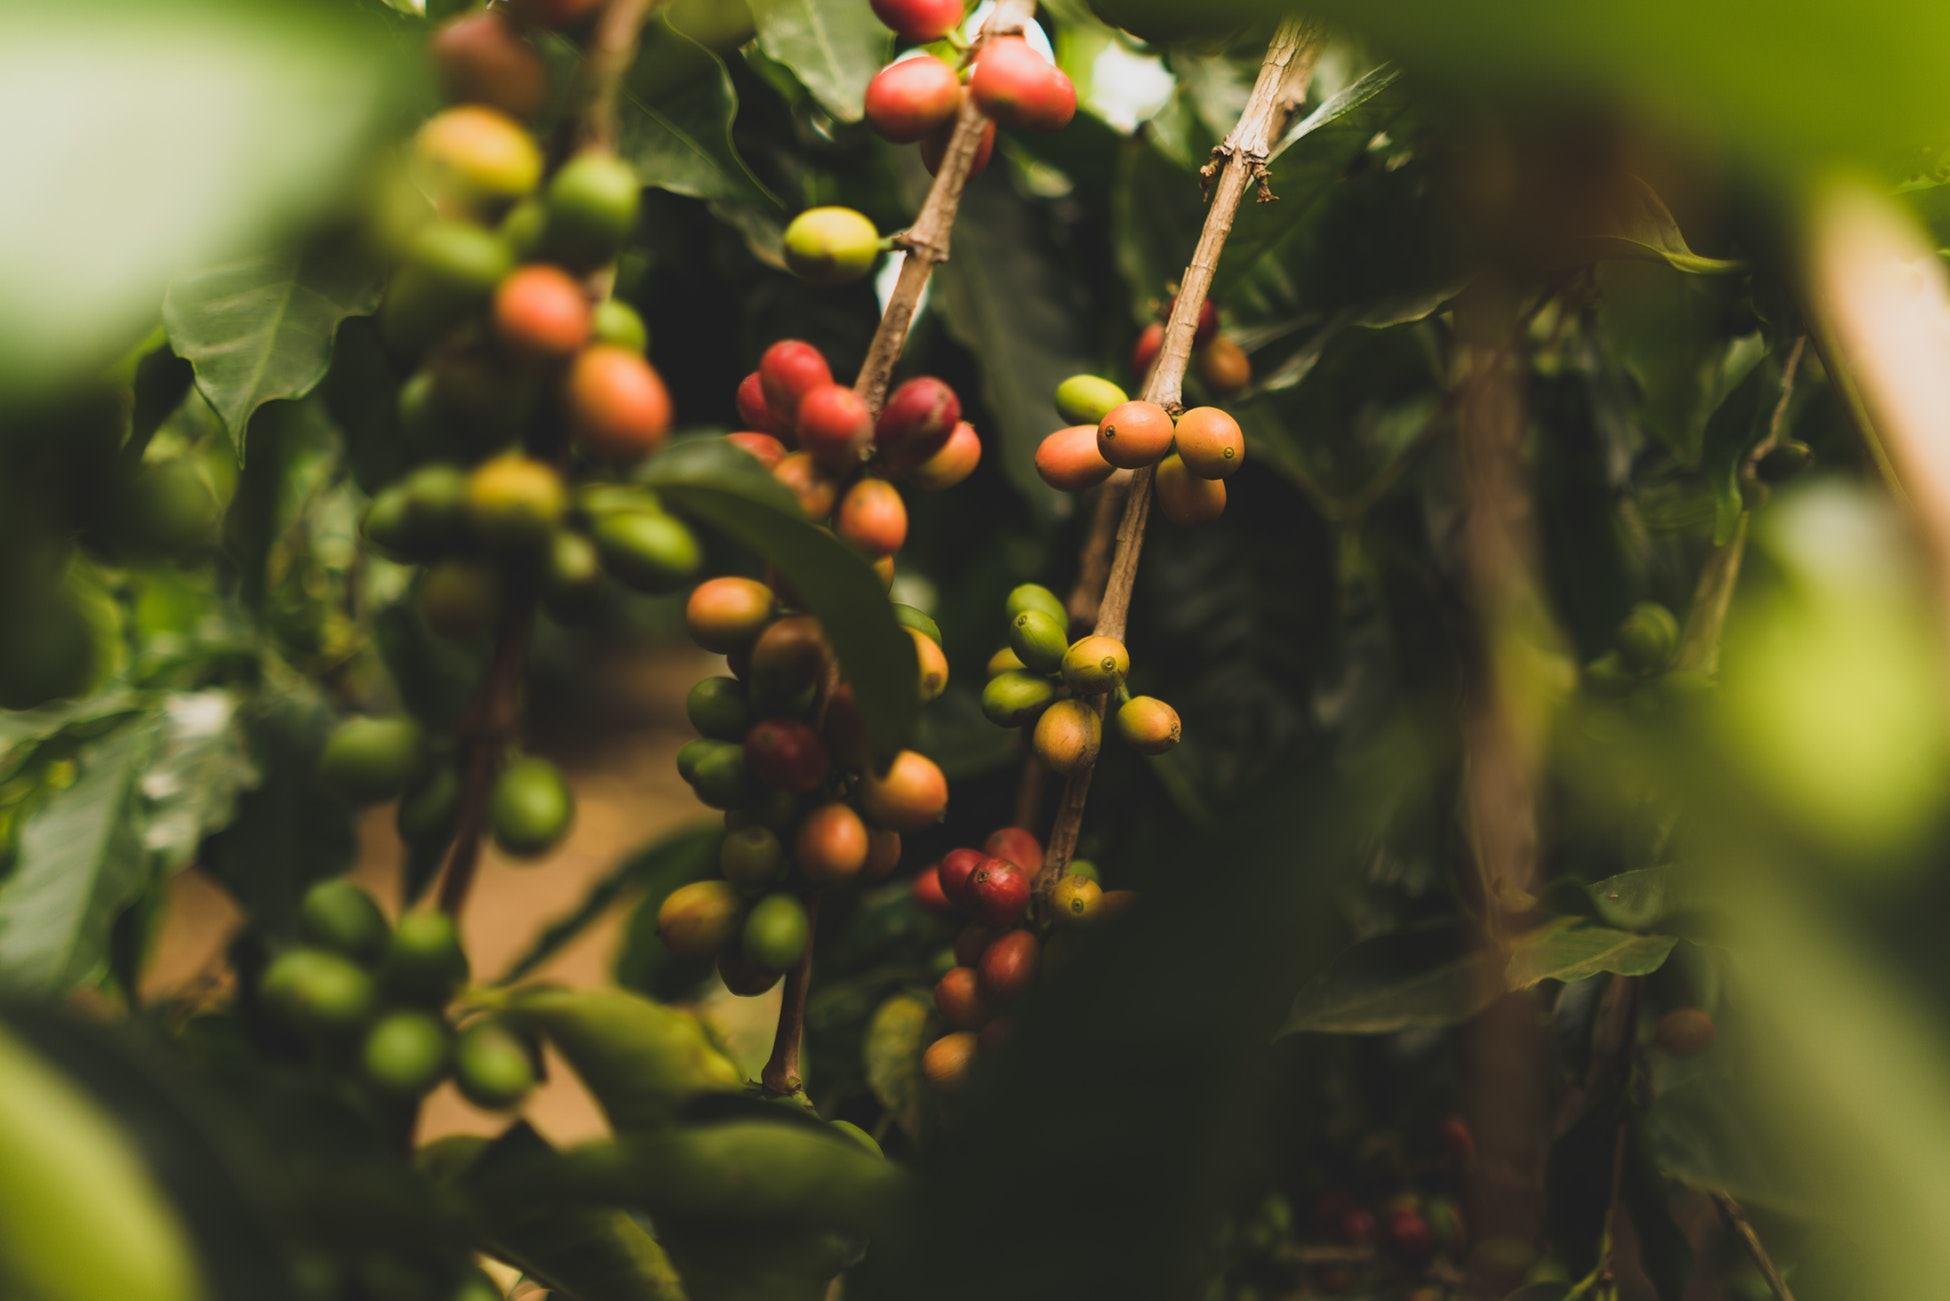 【咖啡品種大全】藝伎咖啡豆有什麼魔力?竟讓大家愛不釋手!